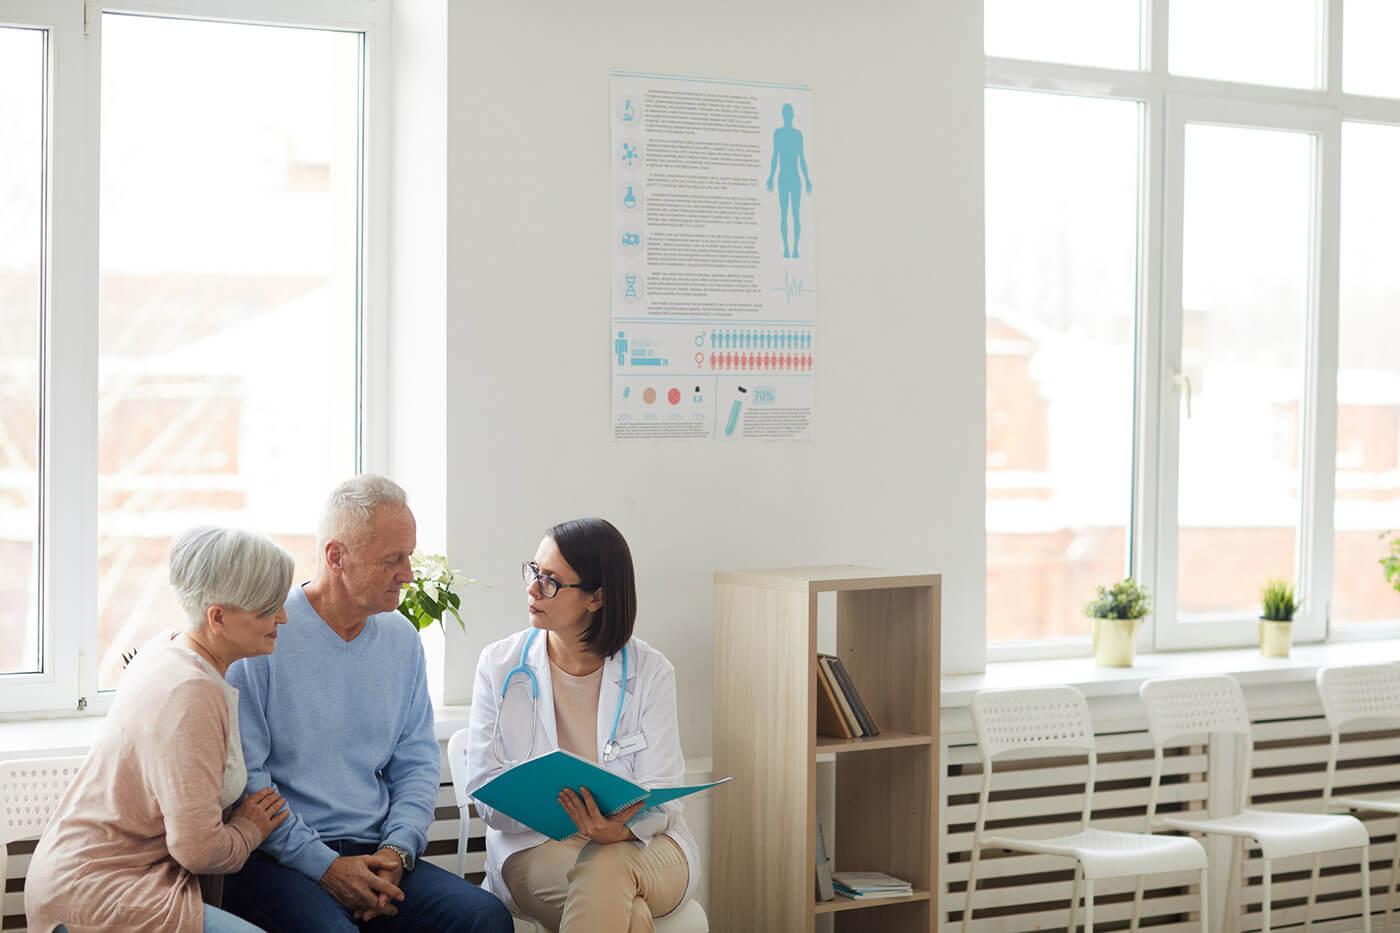 Las 7 etapas clave para una buena experiencia del paciente